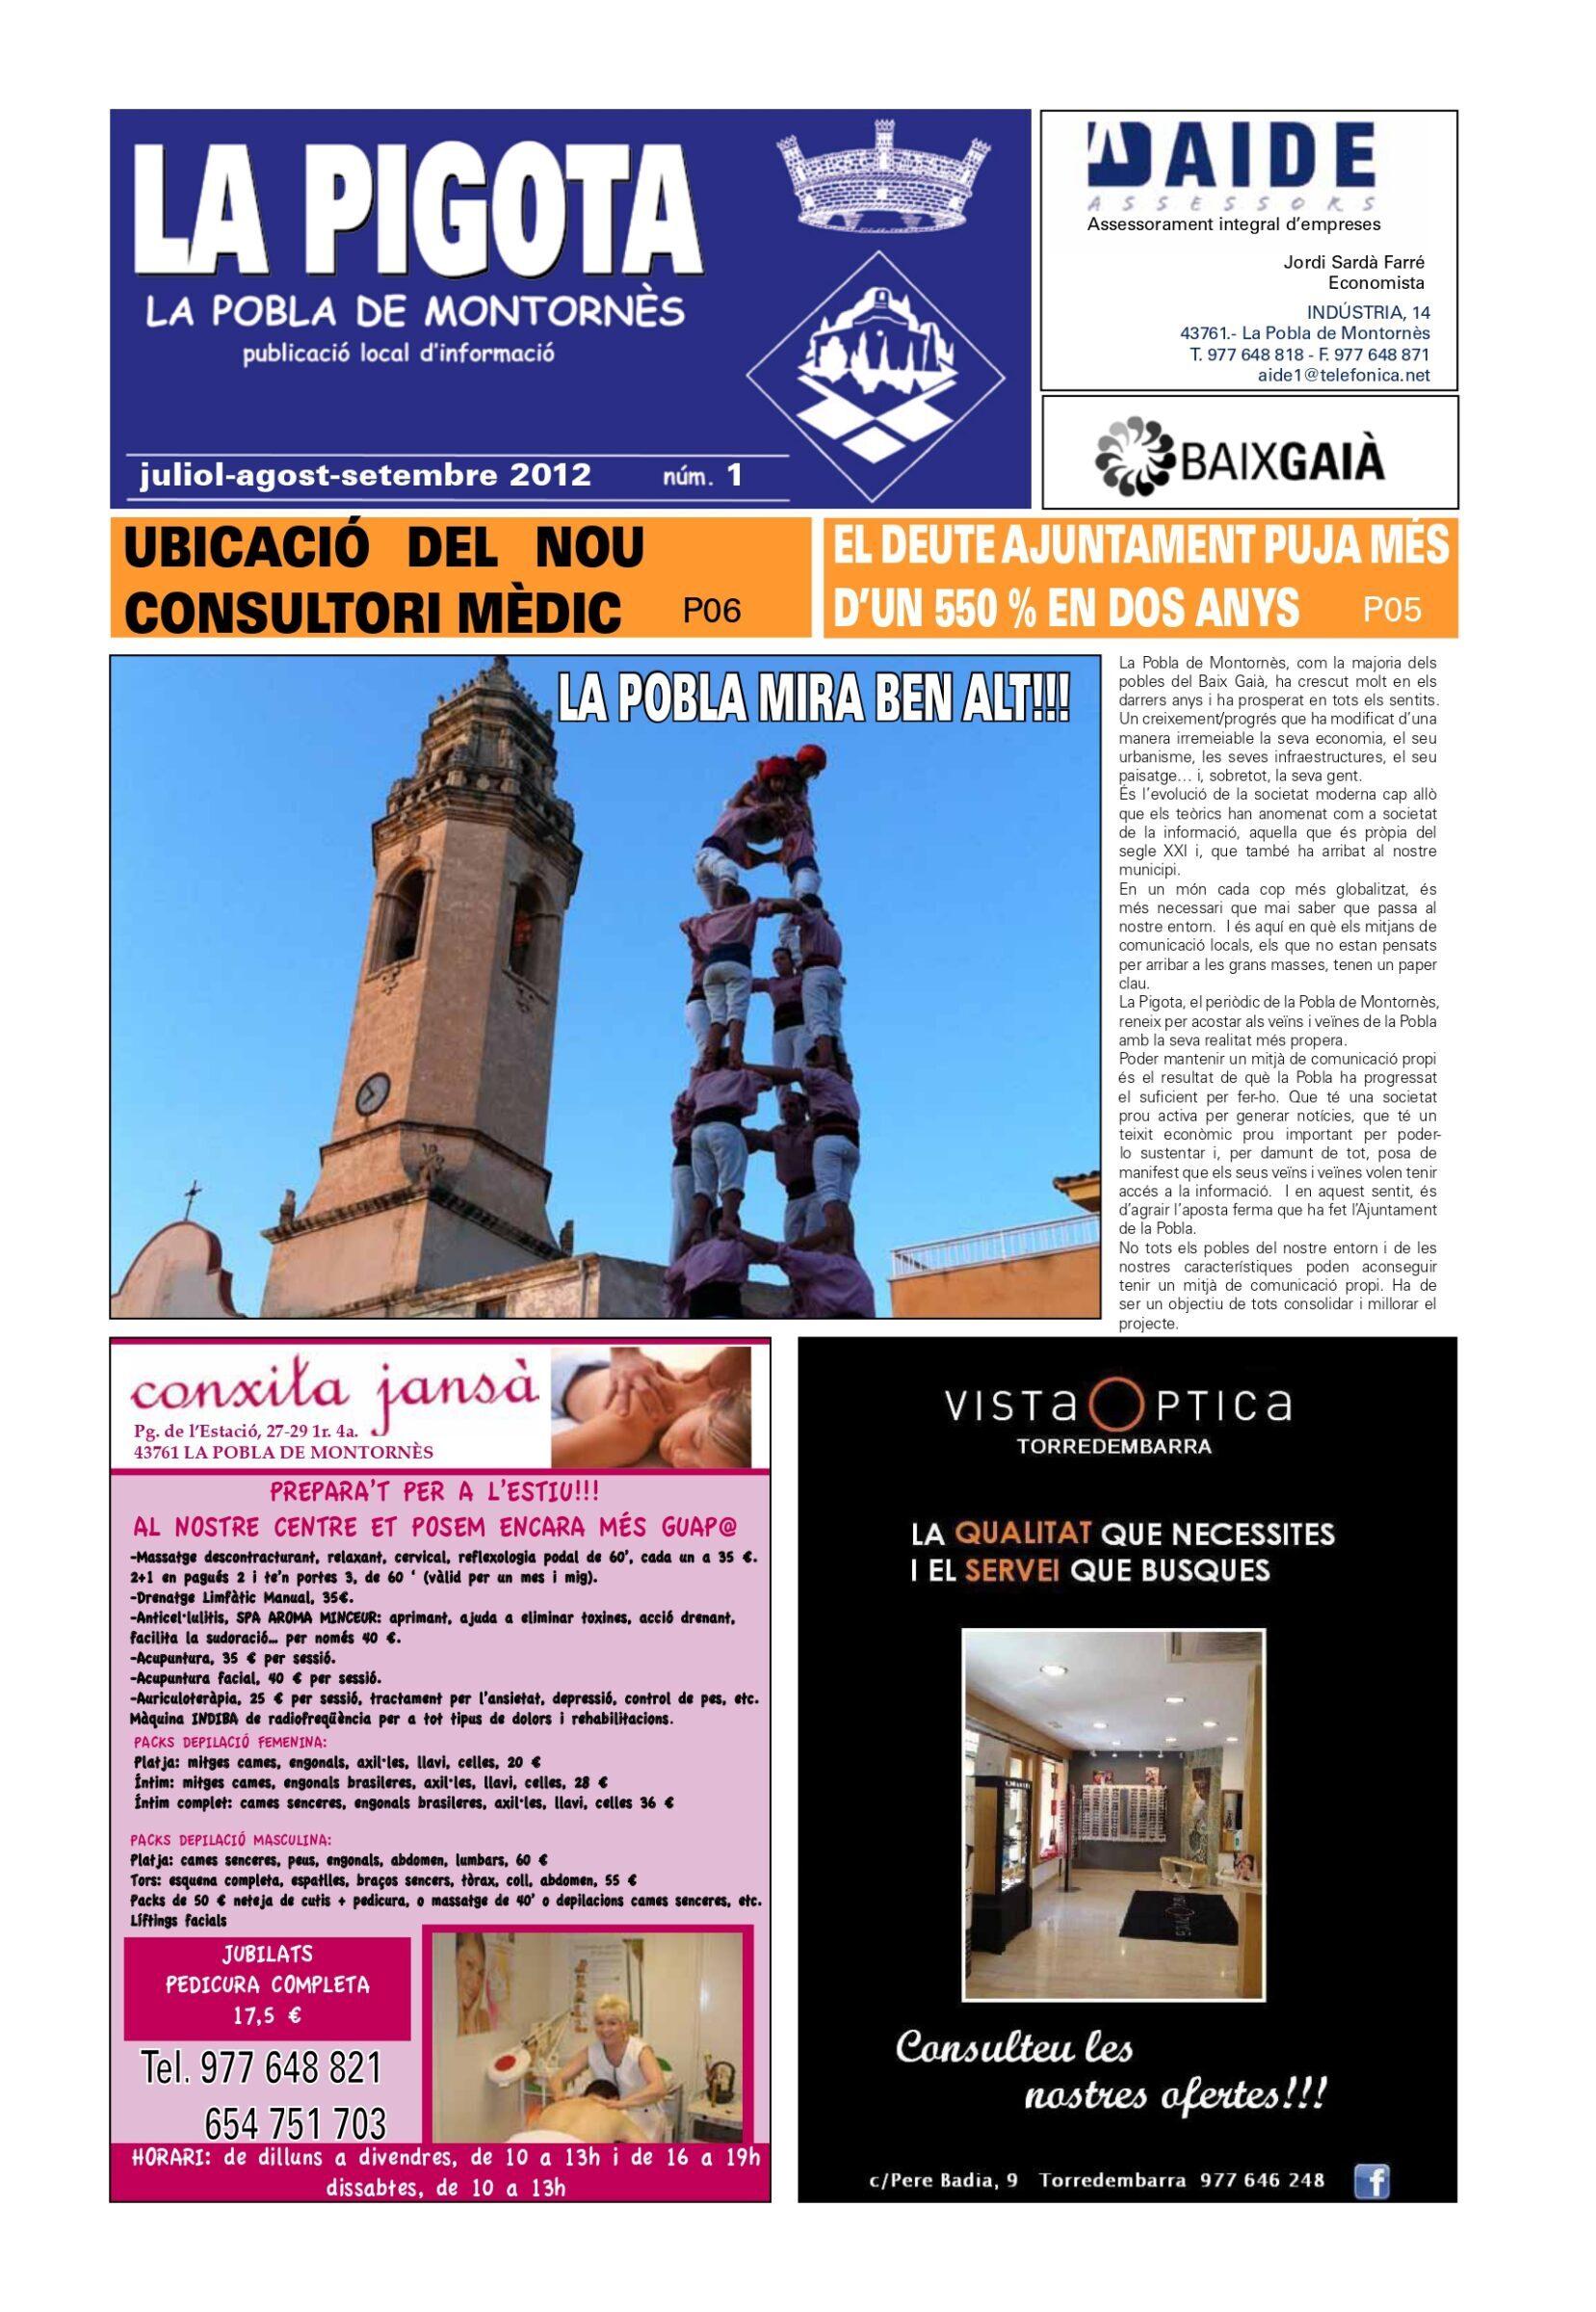 Revista La Pigota núm. 1 (Juliol,Agost i Setembre 2012)